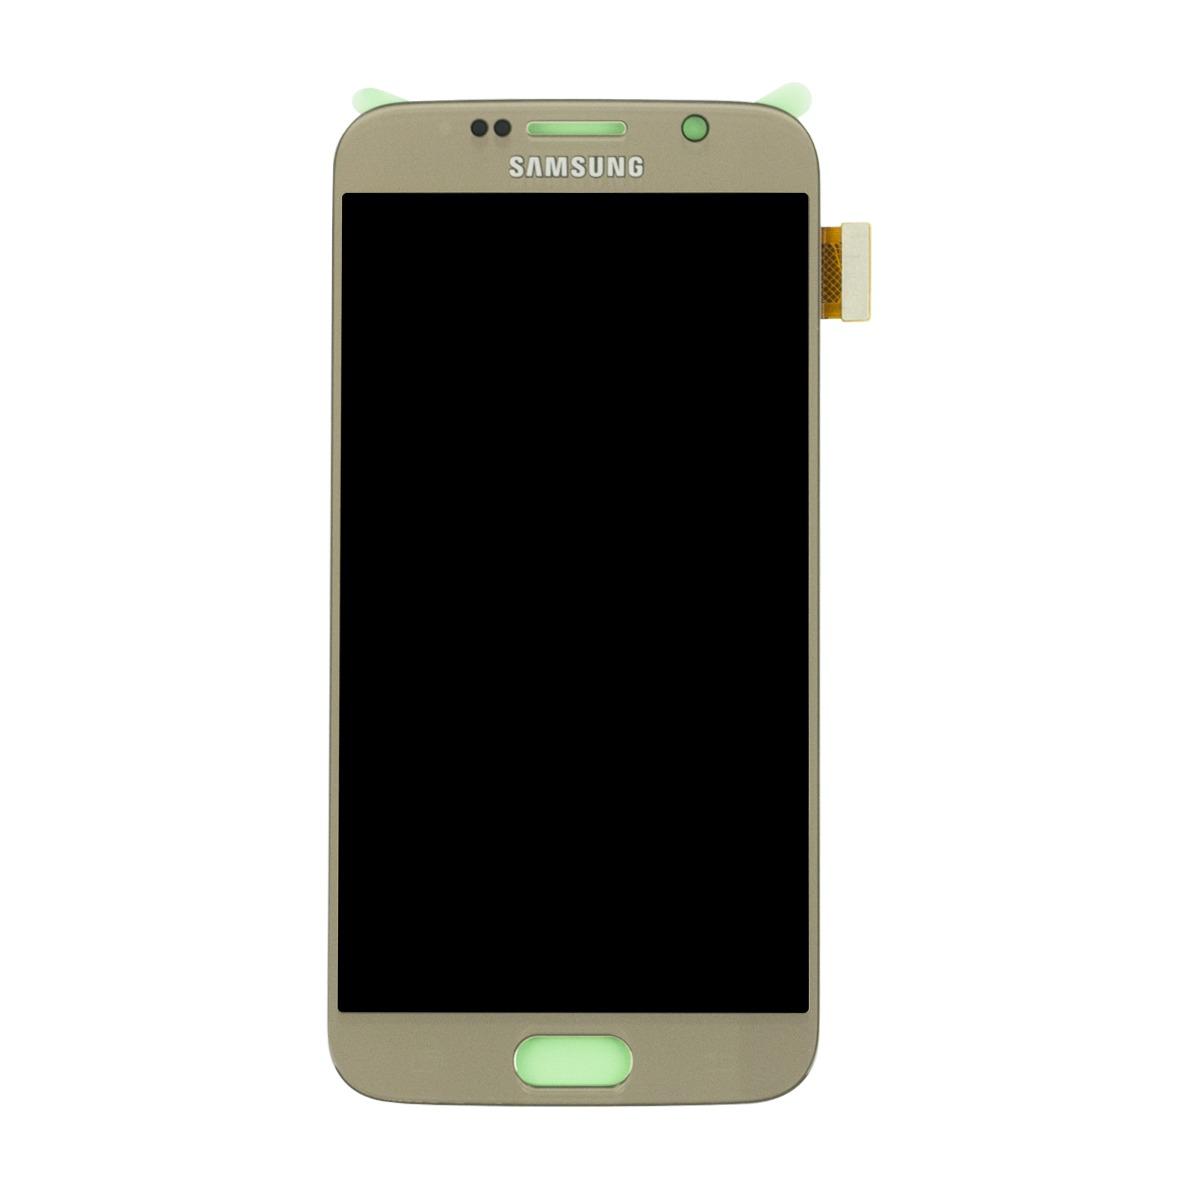 Samsung I9000 Galaxy S : Caracteristicas y especificaciones